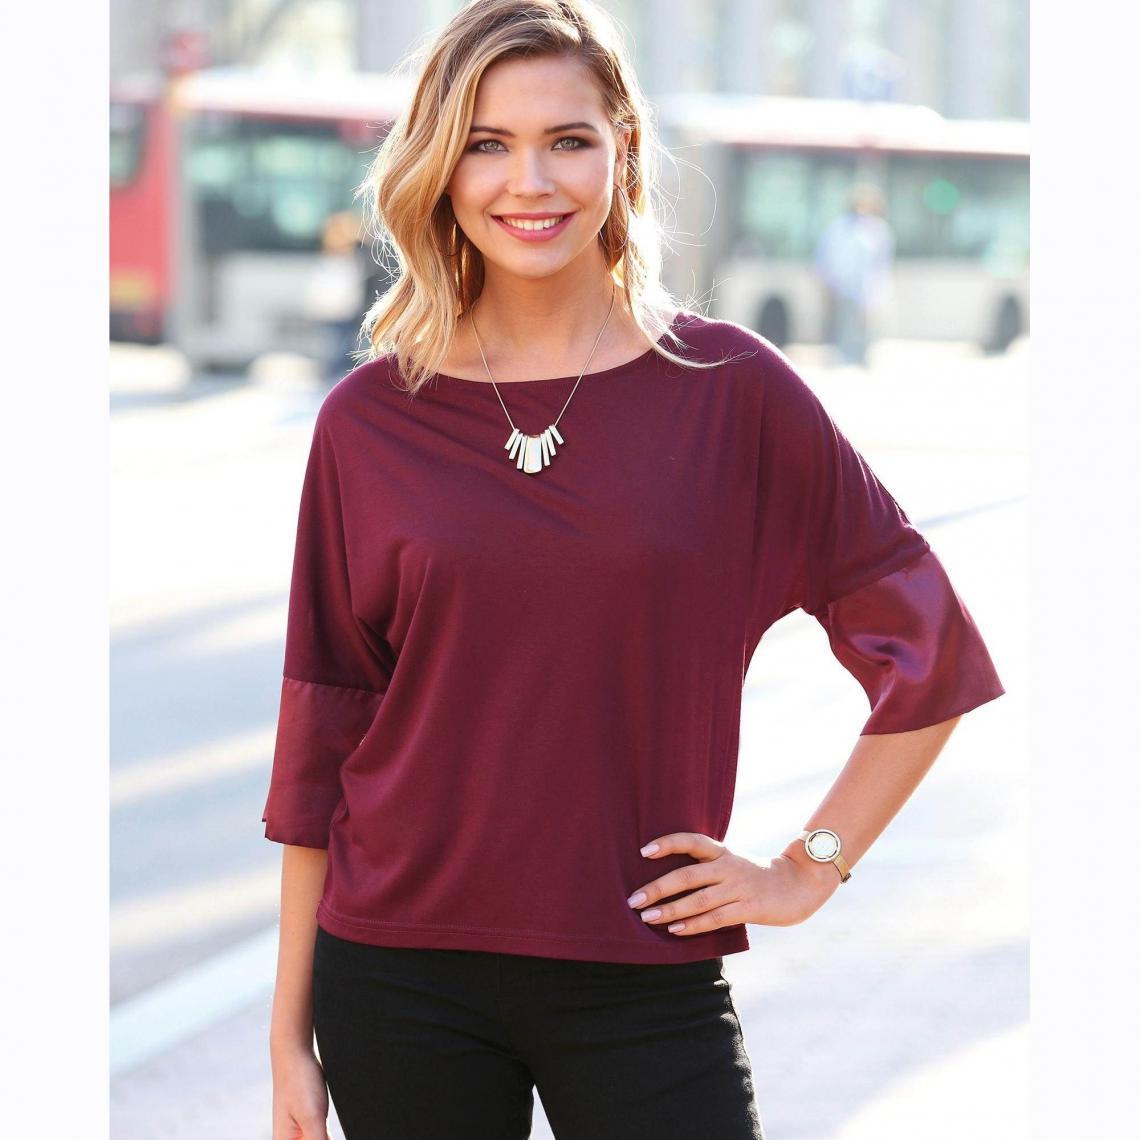 Grenat3 Manches Shirt Rouge 34 Poignets Tee En Satin Femme Suisses XwOkZiuTP